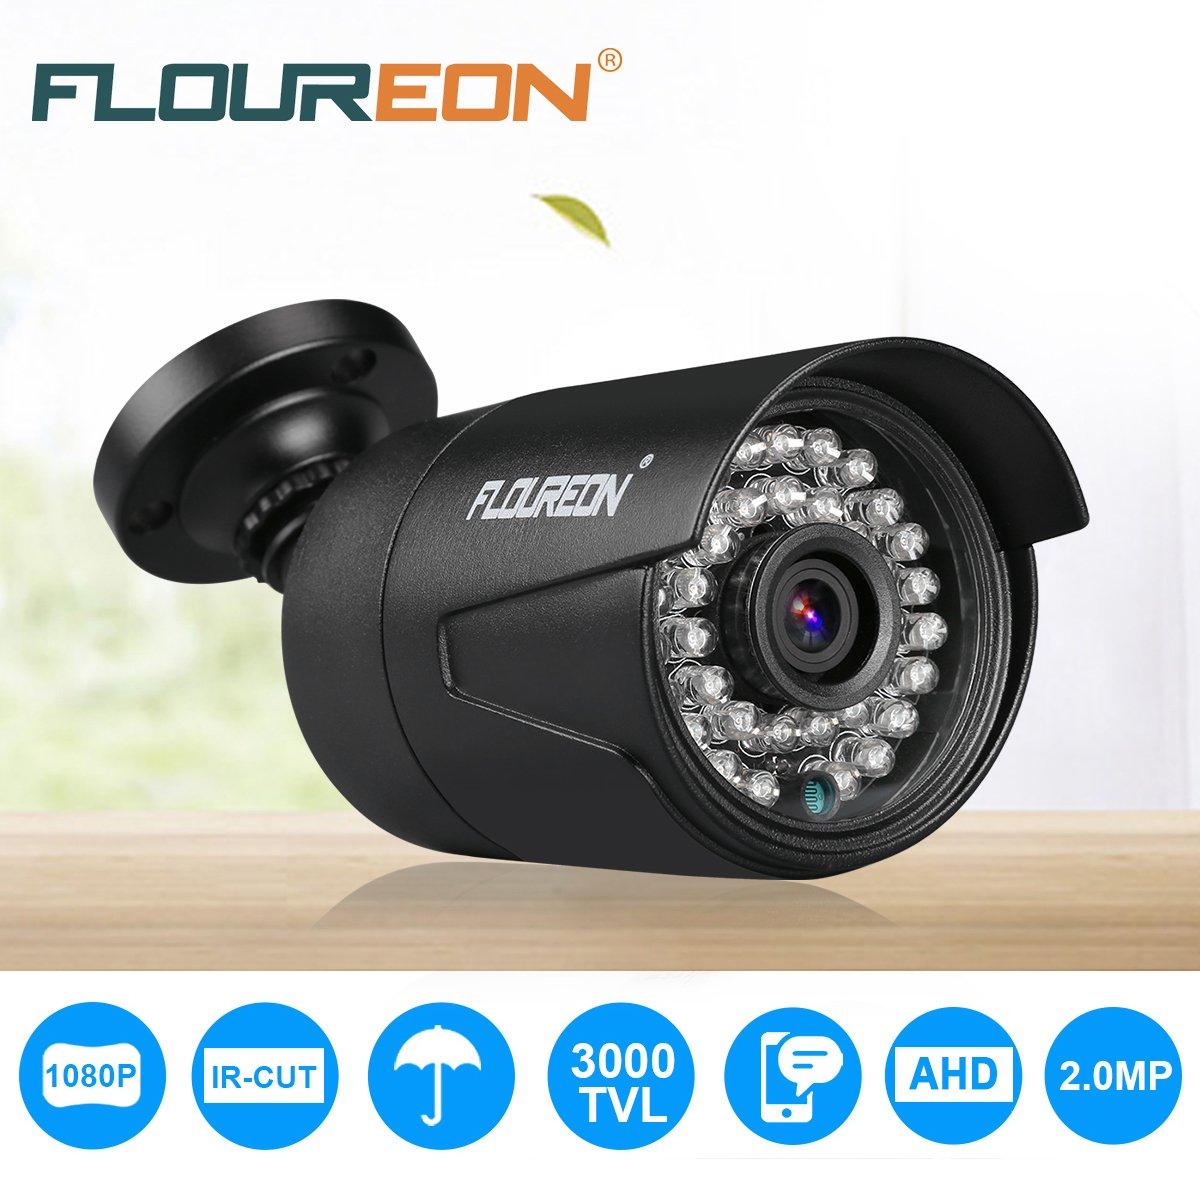 dvr 2019071802 (3000TVL 1080P Camera) by floureon